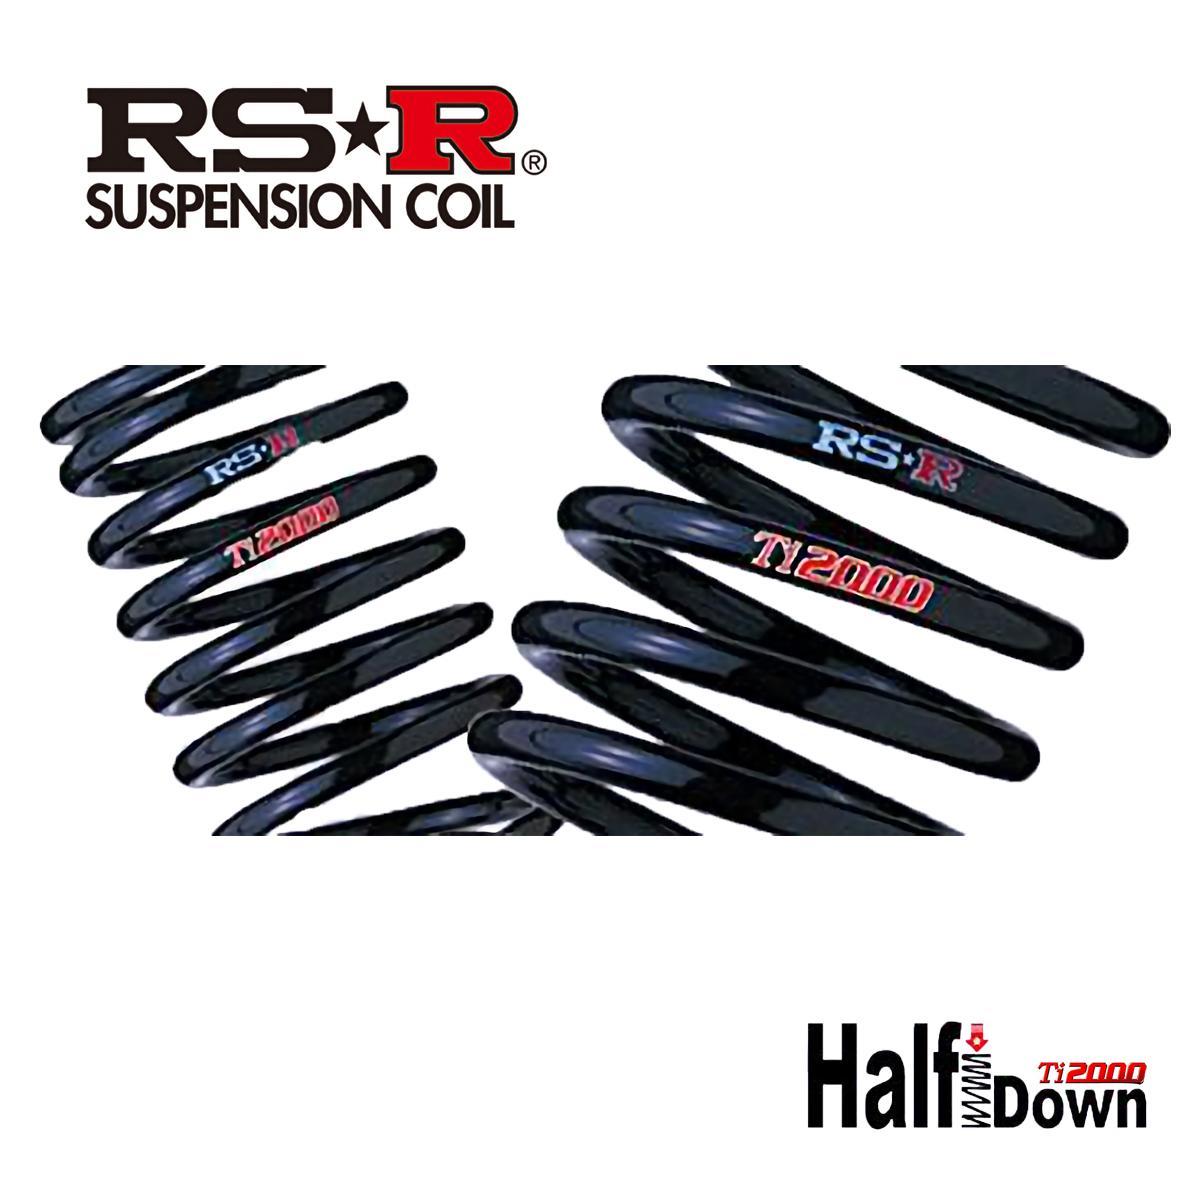 RS-R シエンタ Gグレード NSP170G ダウンサス スプリング 1台分 T896THD Ti2000 ハーフダウン RSR 個人宅発送追金有